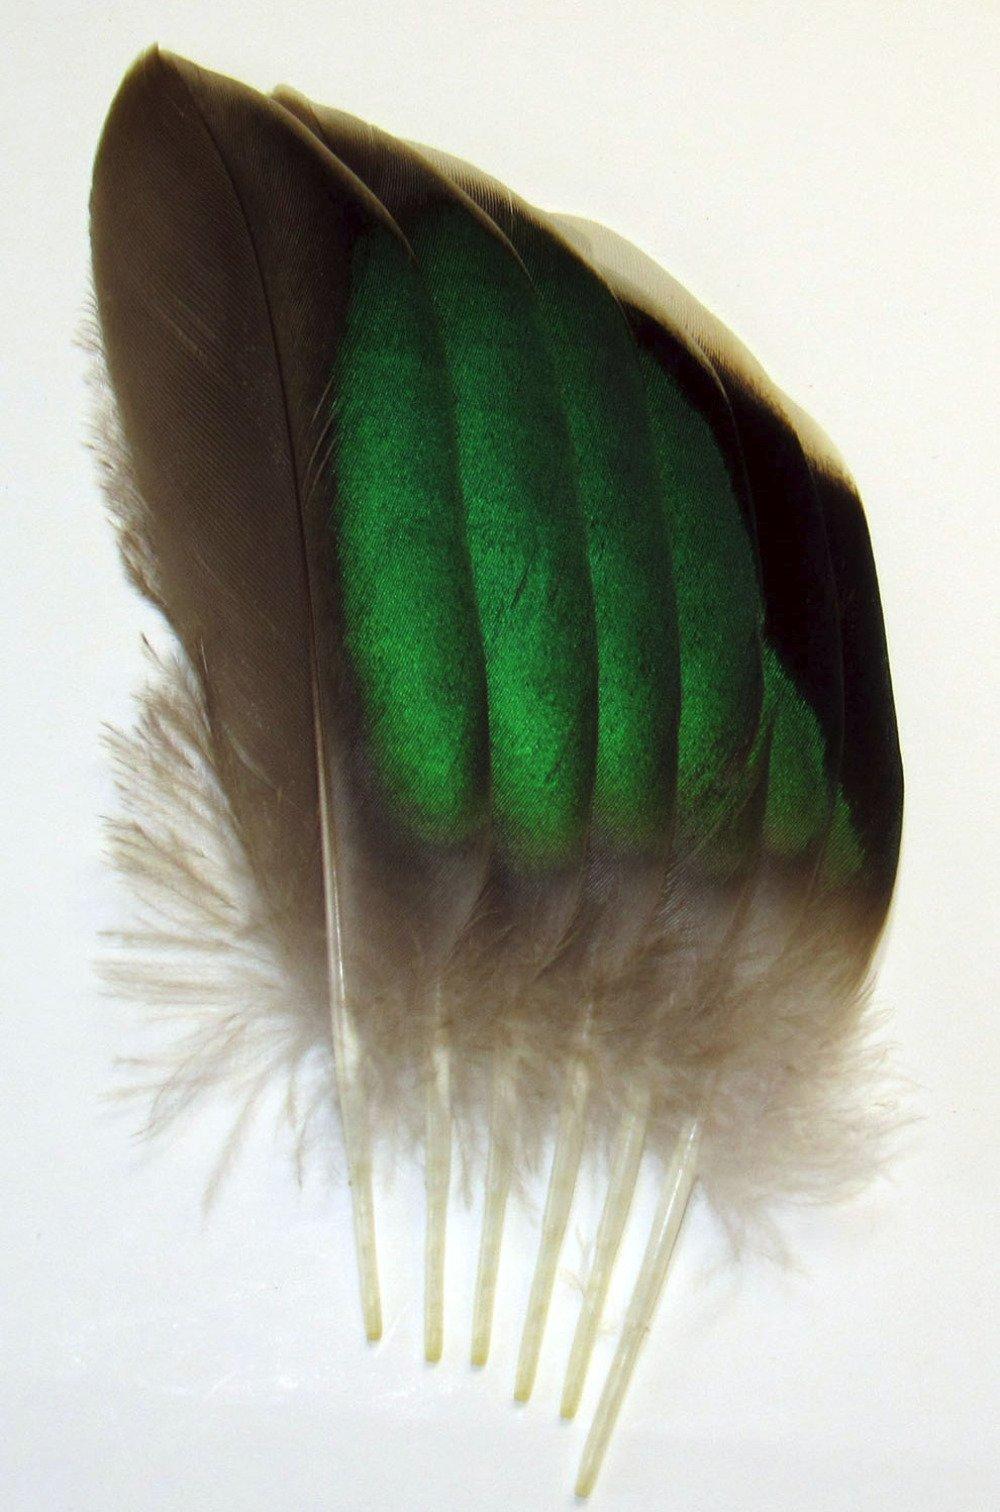 Lot n°12 de 6 très belles plumes naturelles à reflets verts de sarcelle.